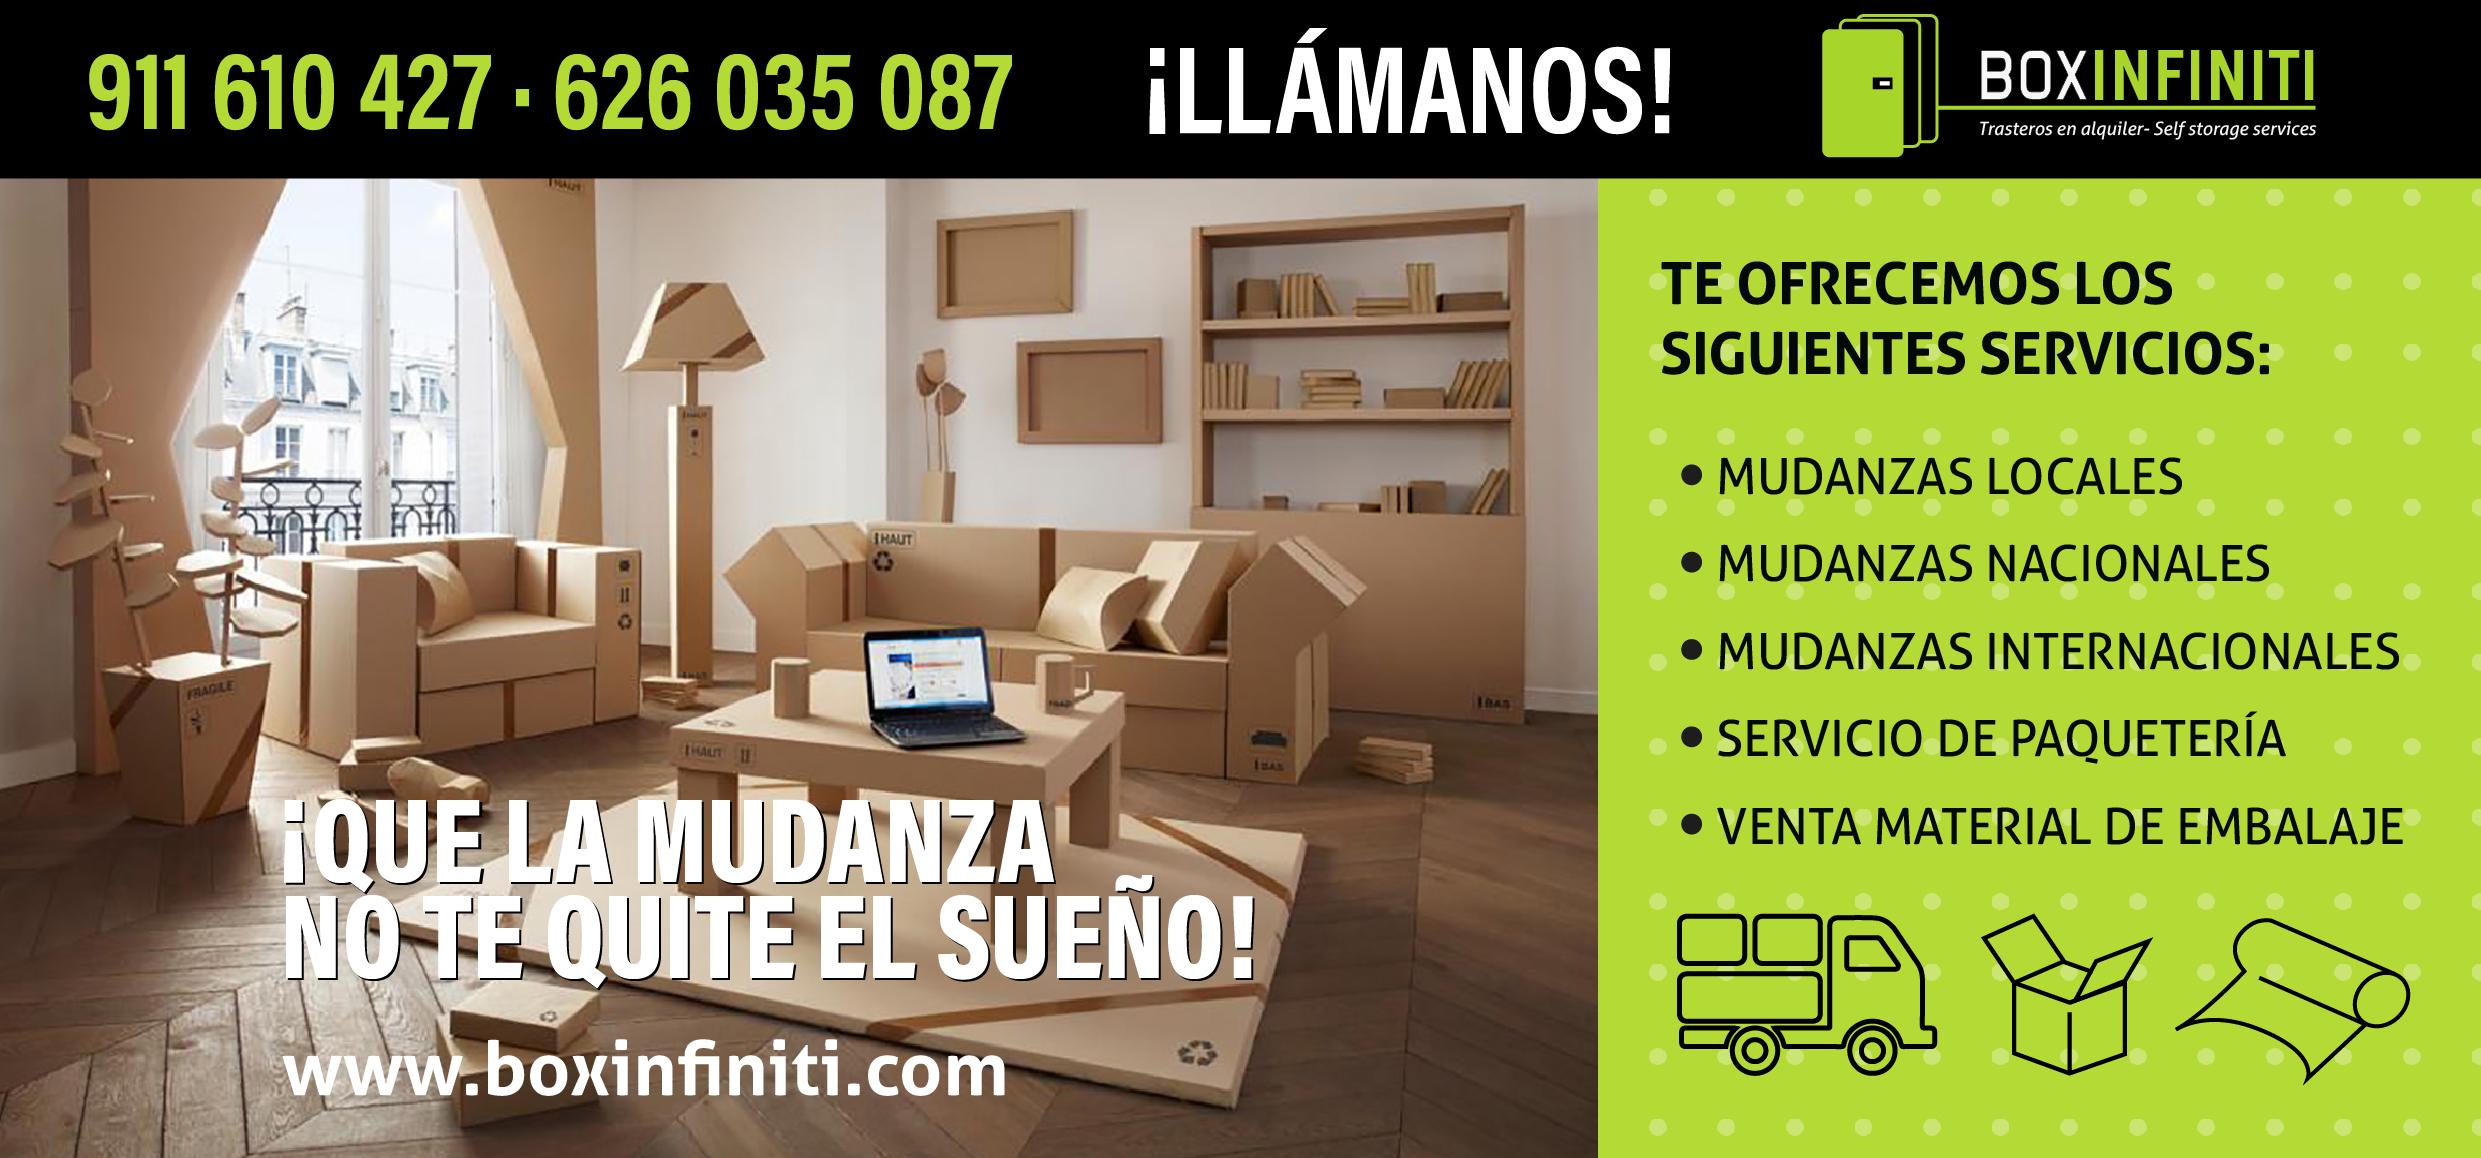 Box Infiniti Madrid